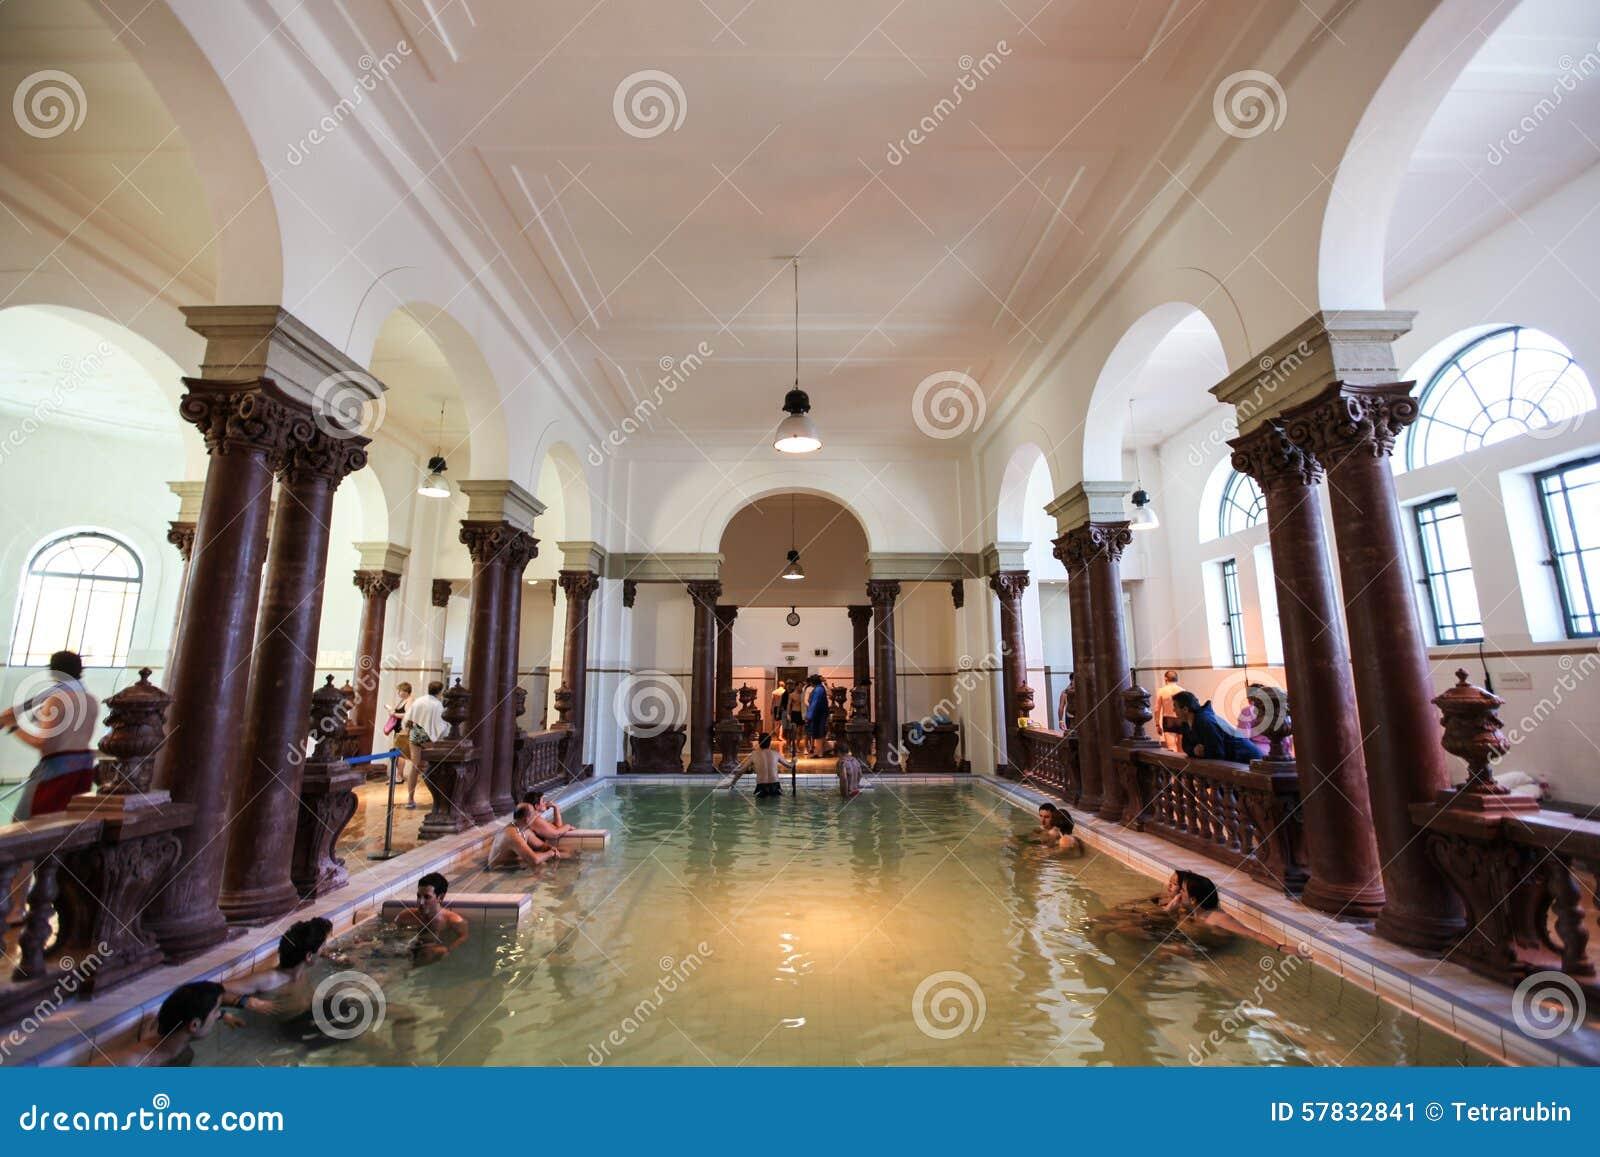 Bagni Termali Di Rudas Budapest : Interno della stazione termale di szechenyi bagno therms a